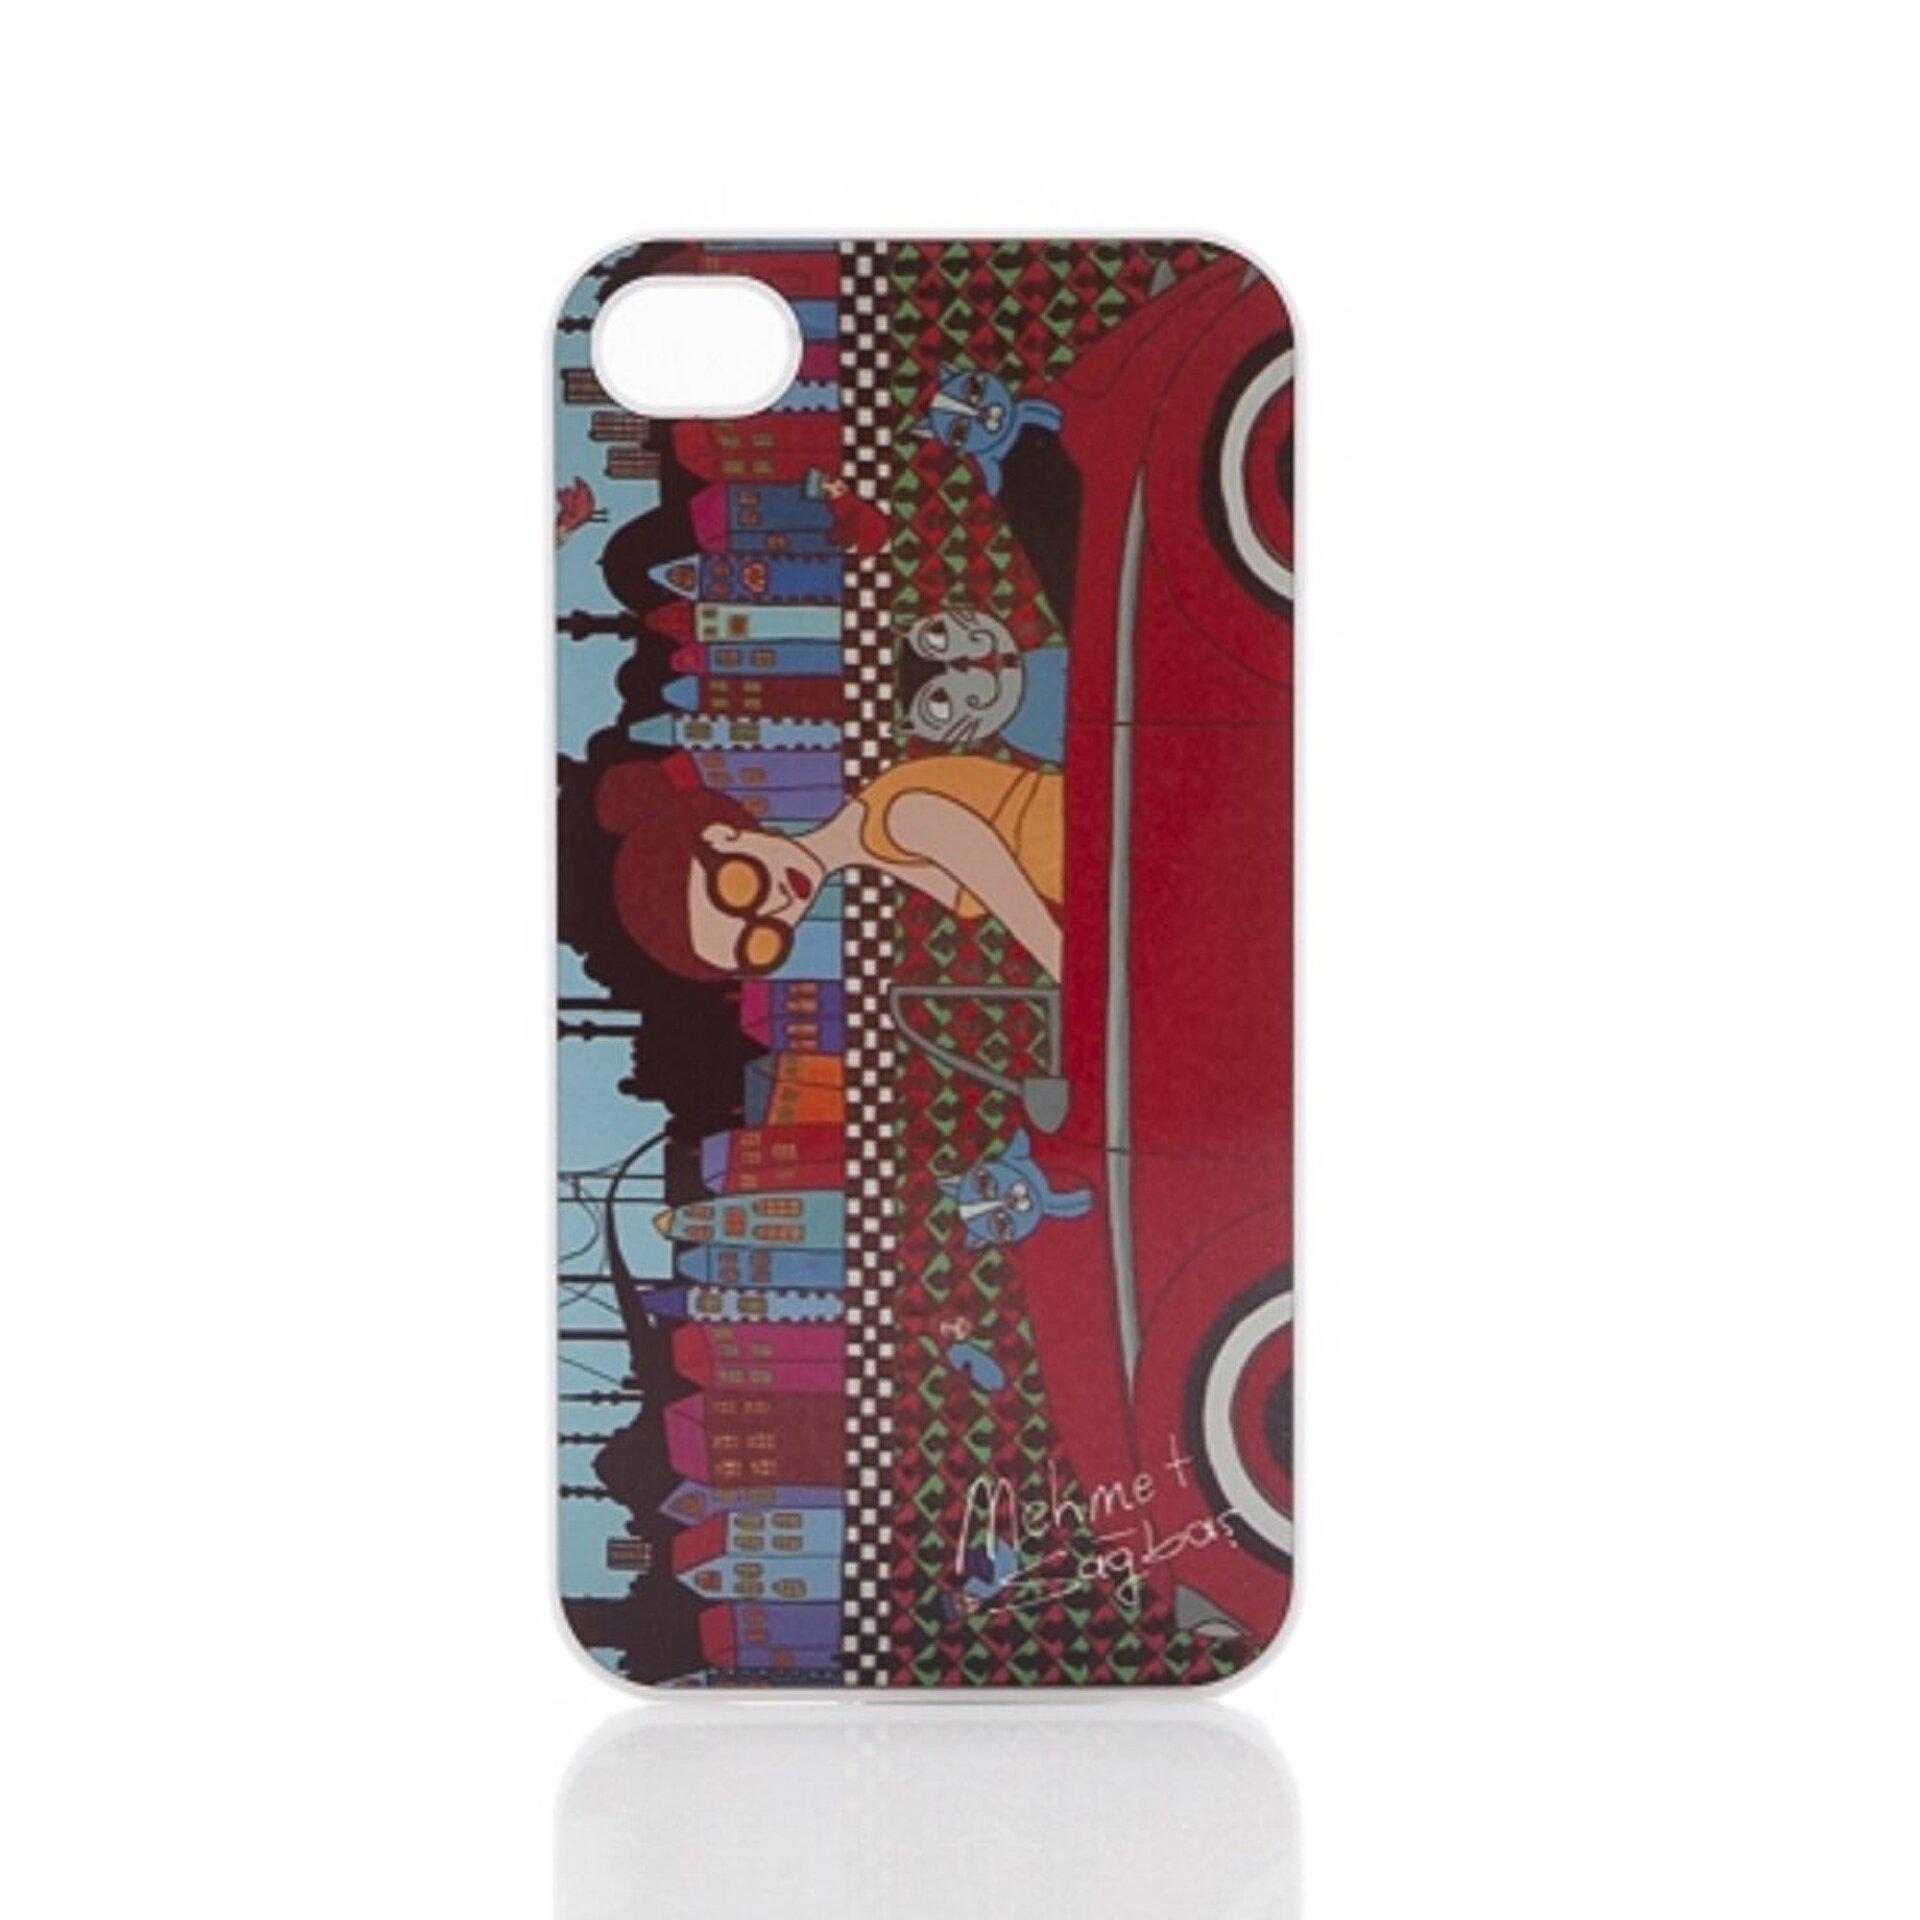 Picture of BiggDesign iPhone 5/5S Beyaz Kapak Arabalı Kız